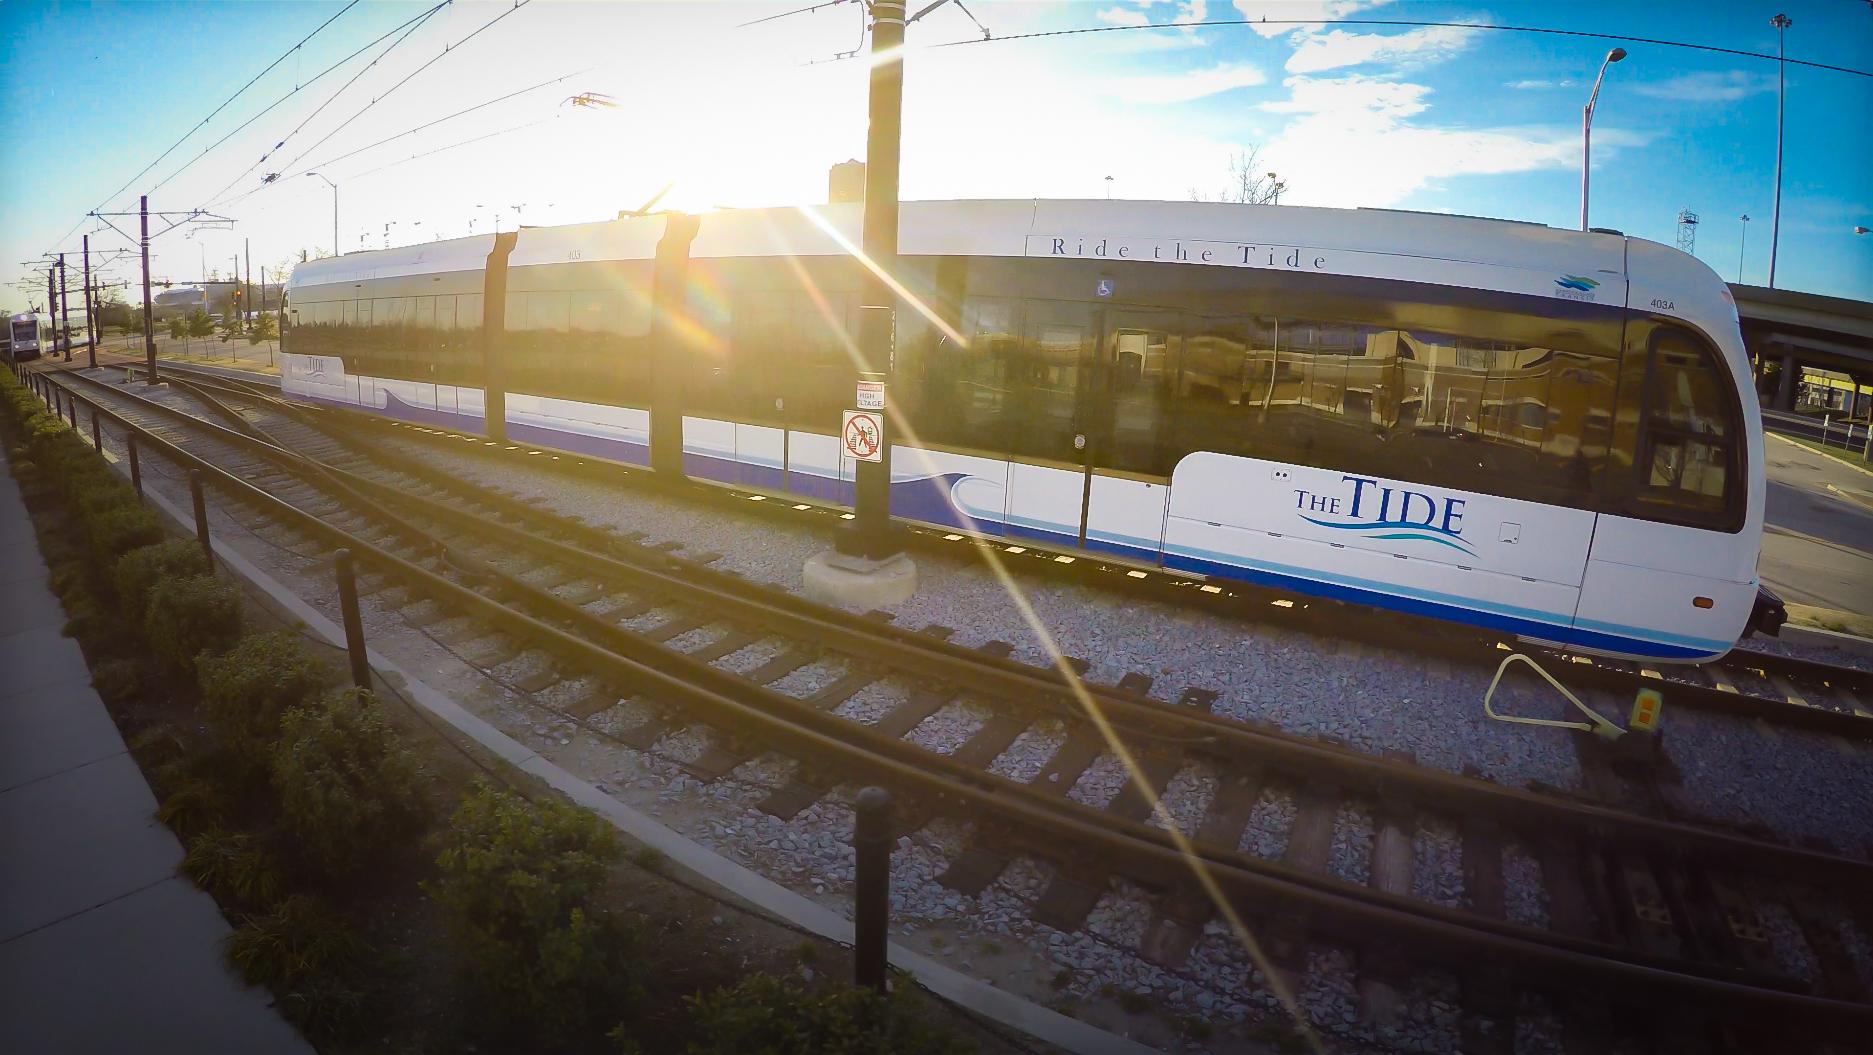 The Tide light rail image